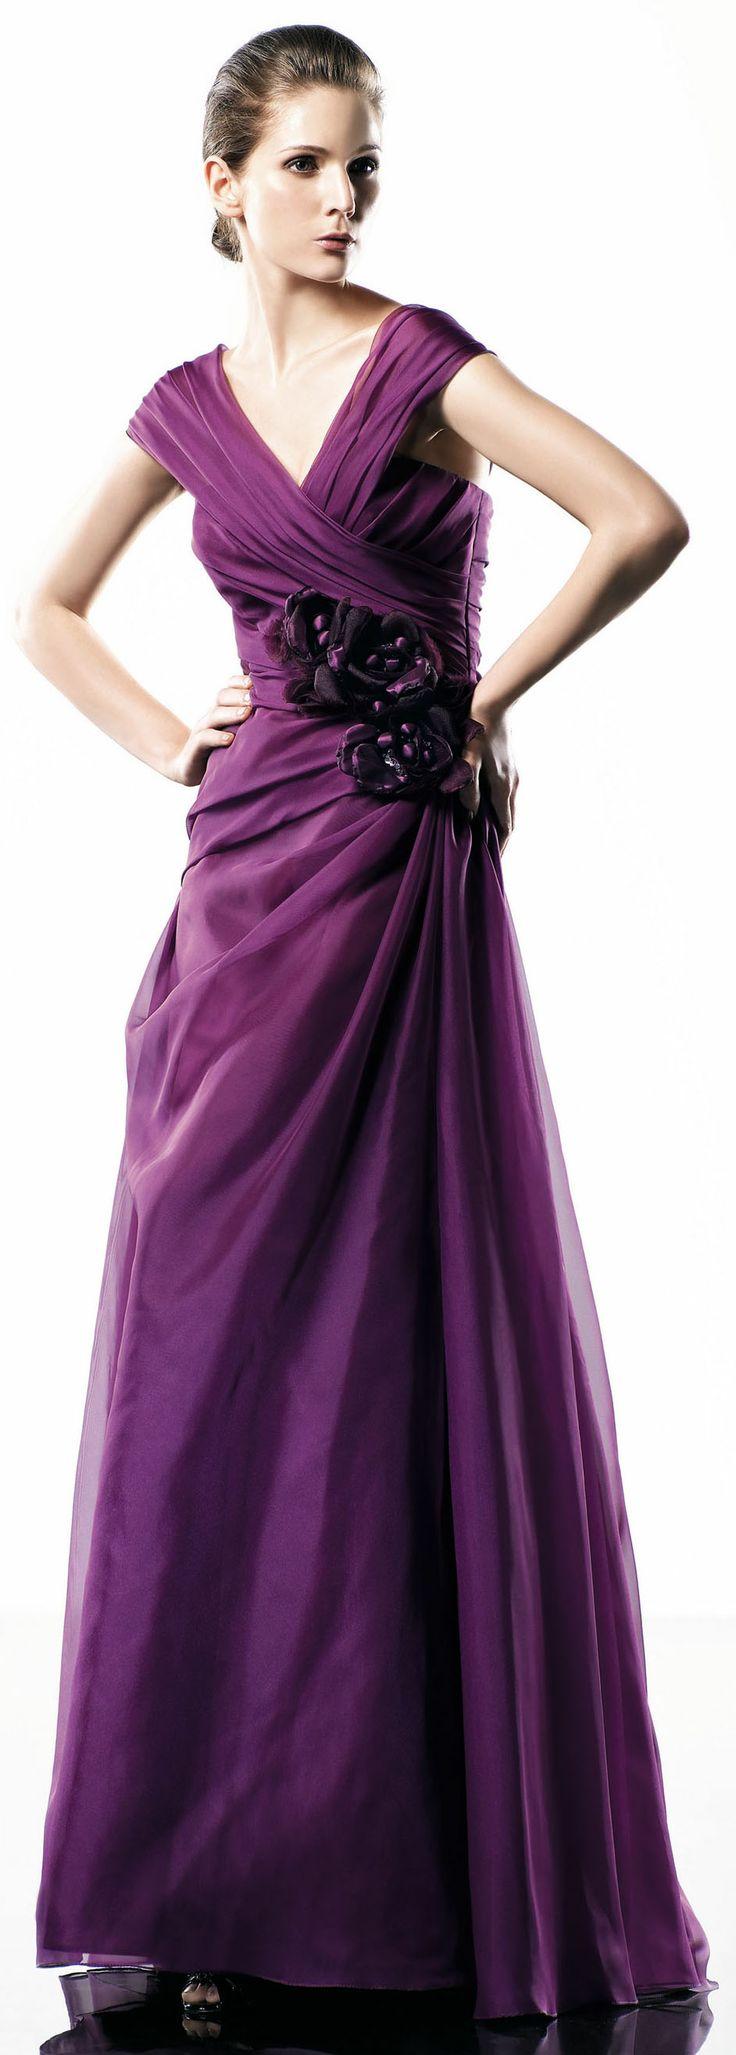 Modern A-line Floor length gown,bridesmaid gowns dress,bridesmaid gowns dresses